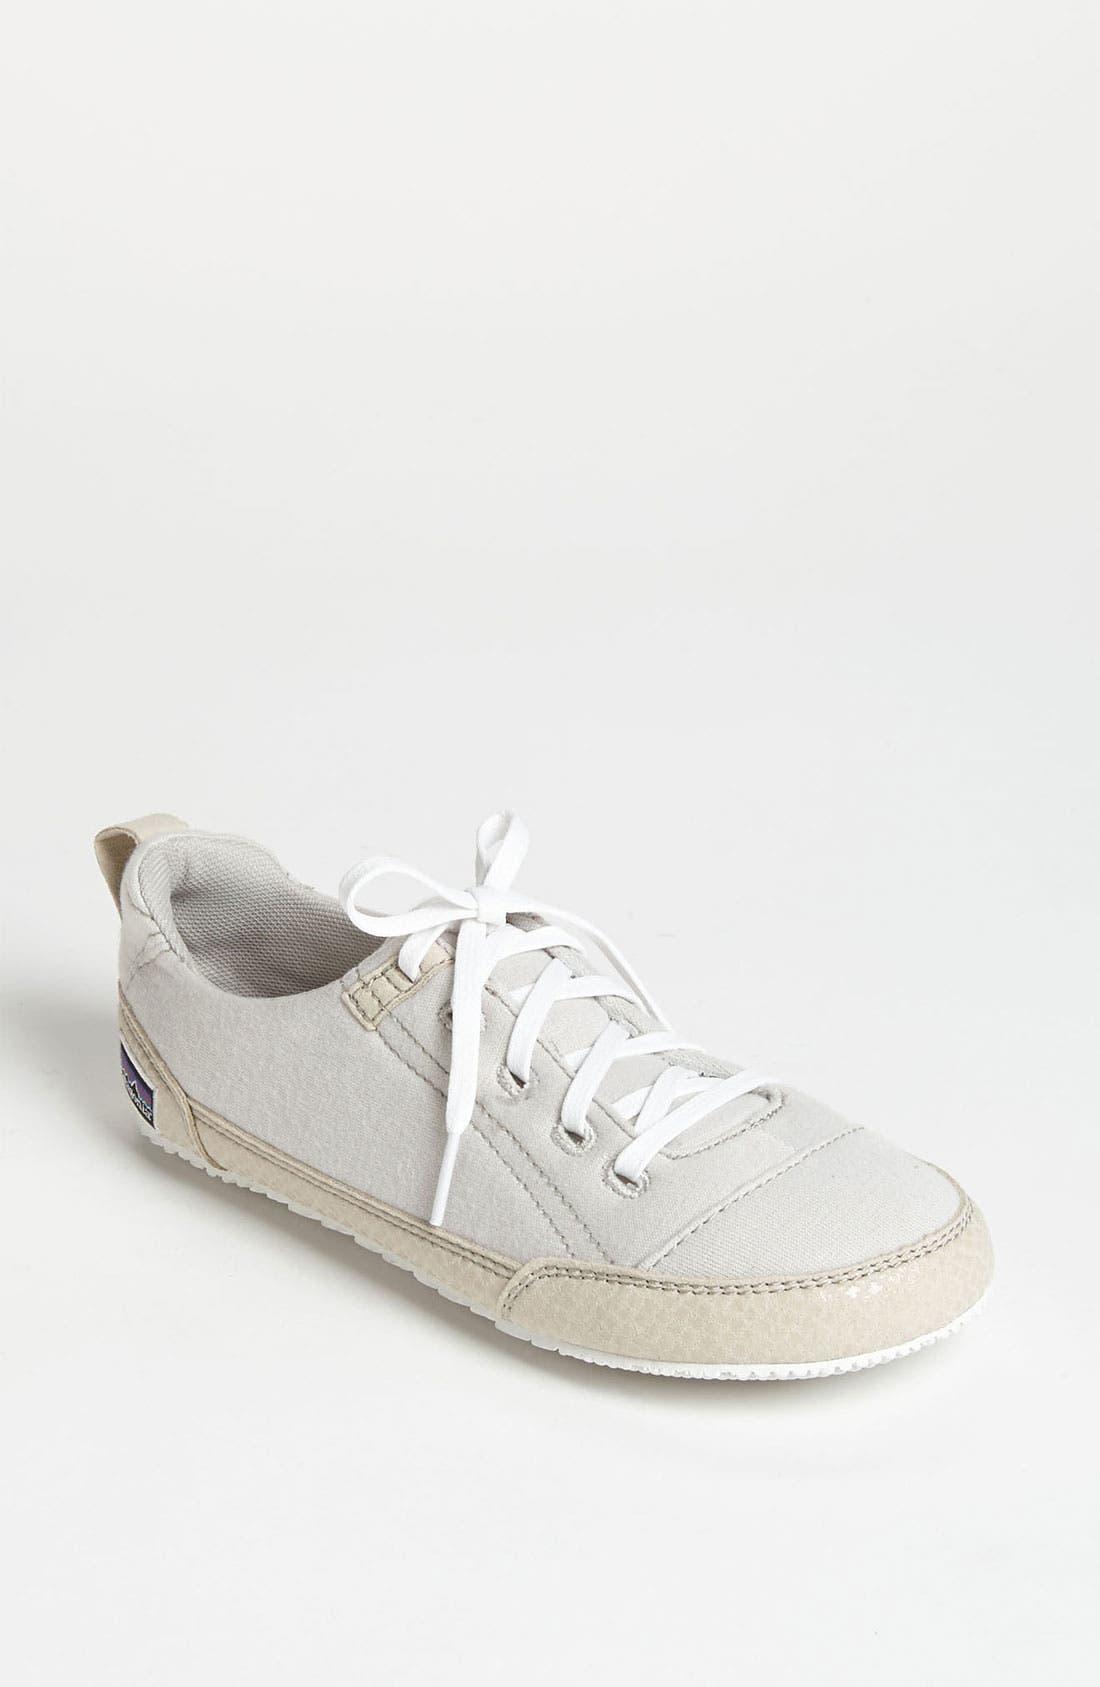 Alternate Image 1 Selected - Patagonia 'Advocate' Sneaker (Women)